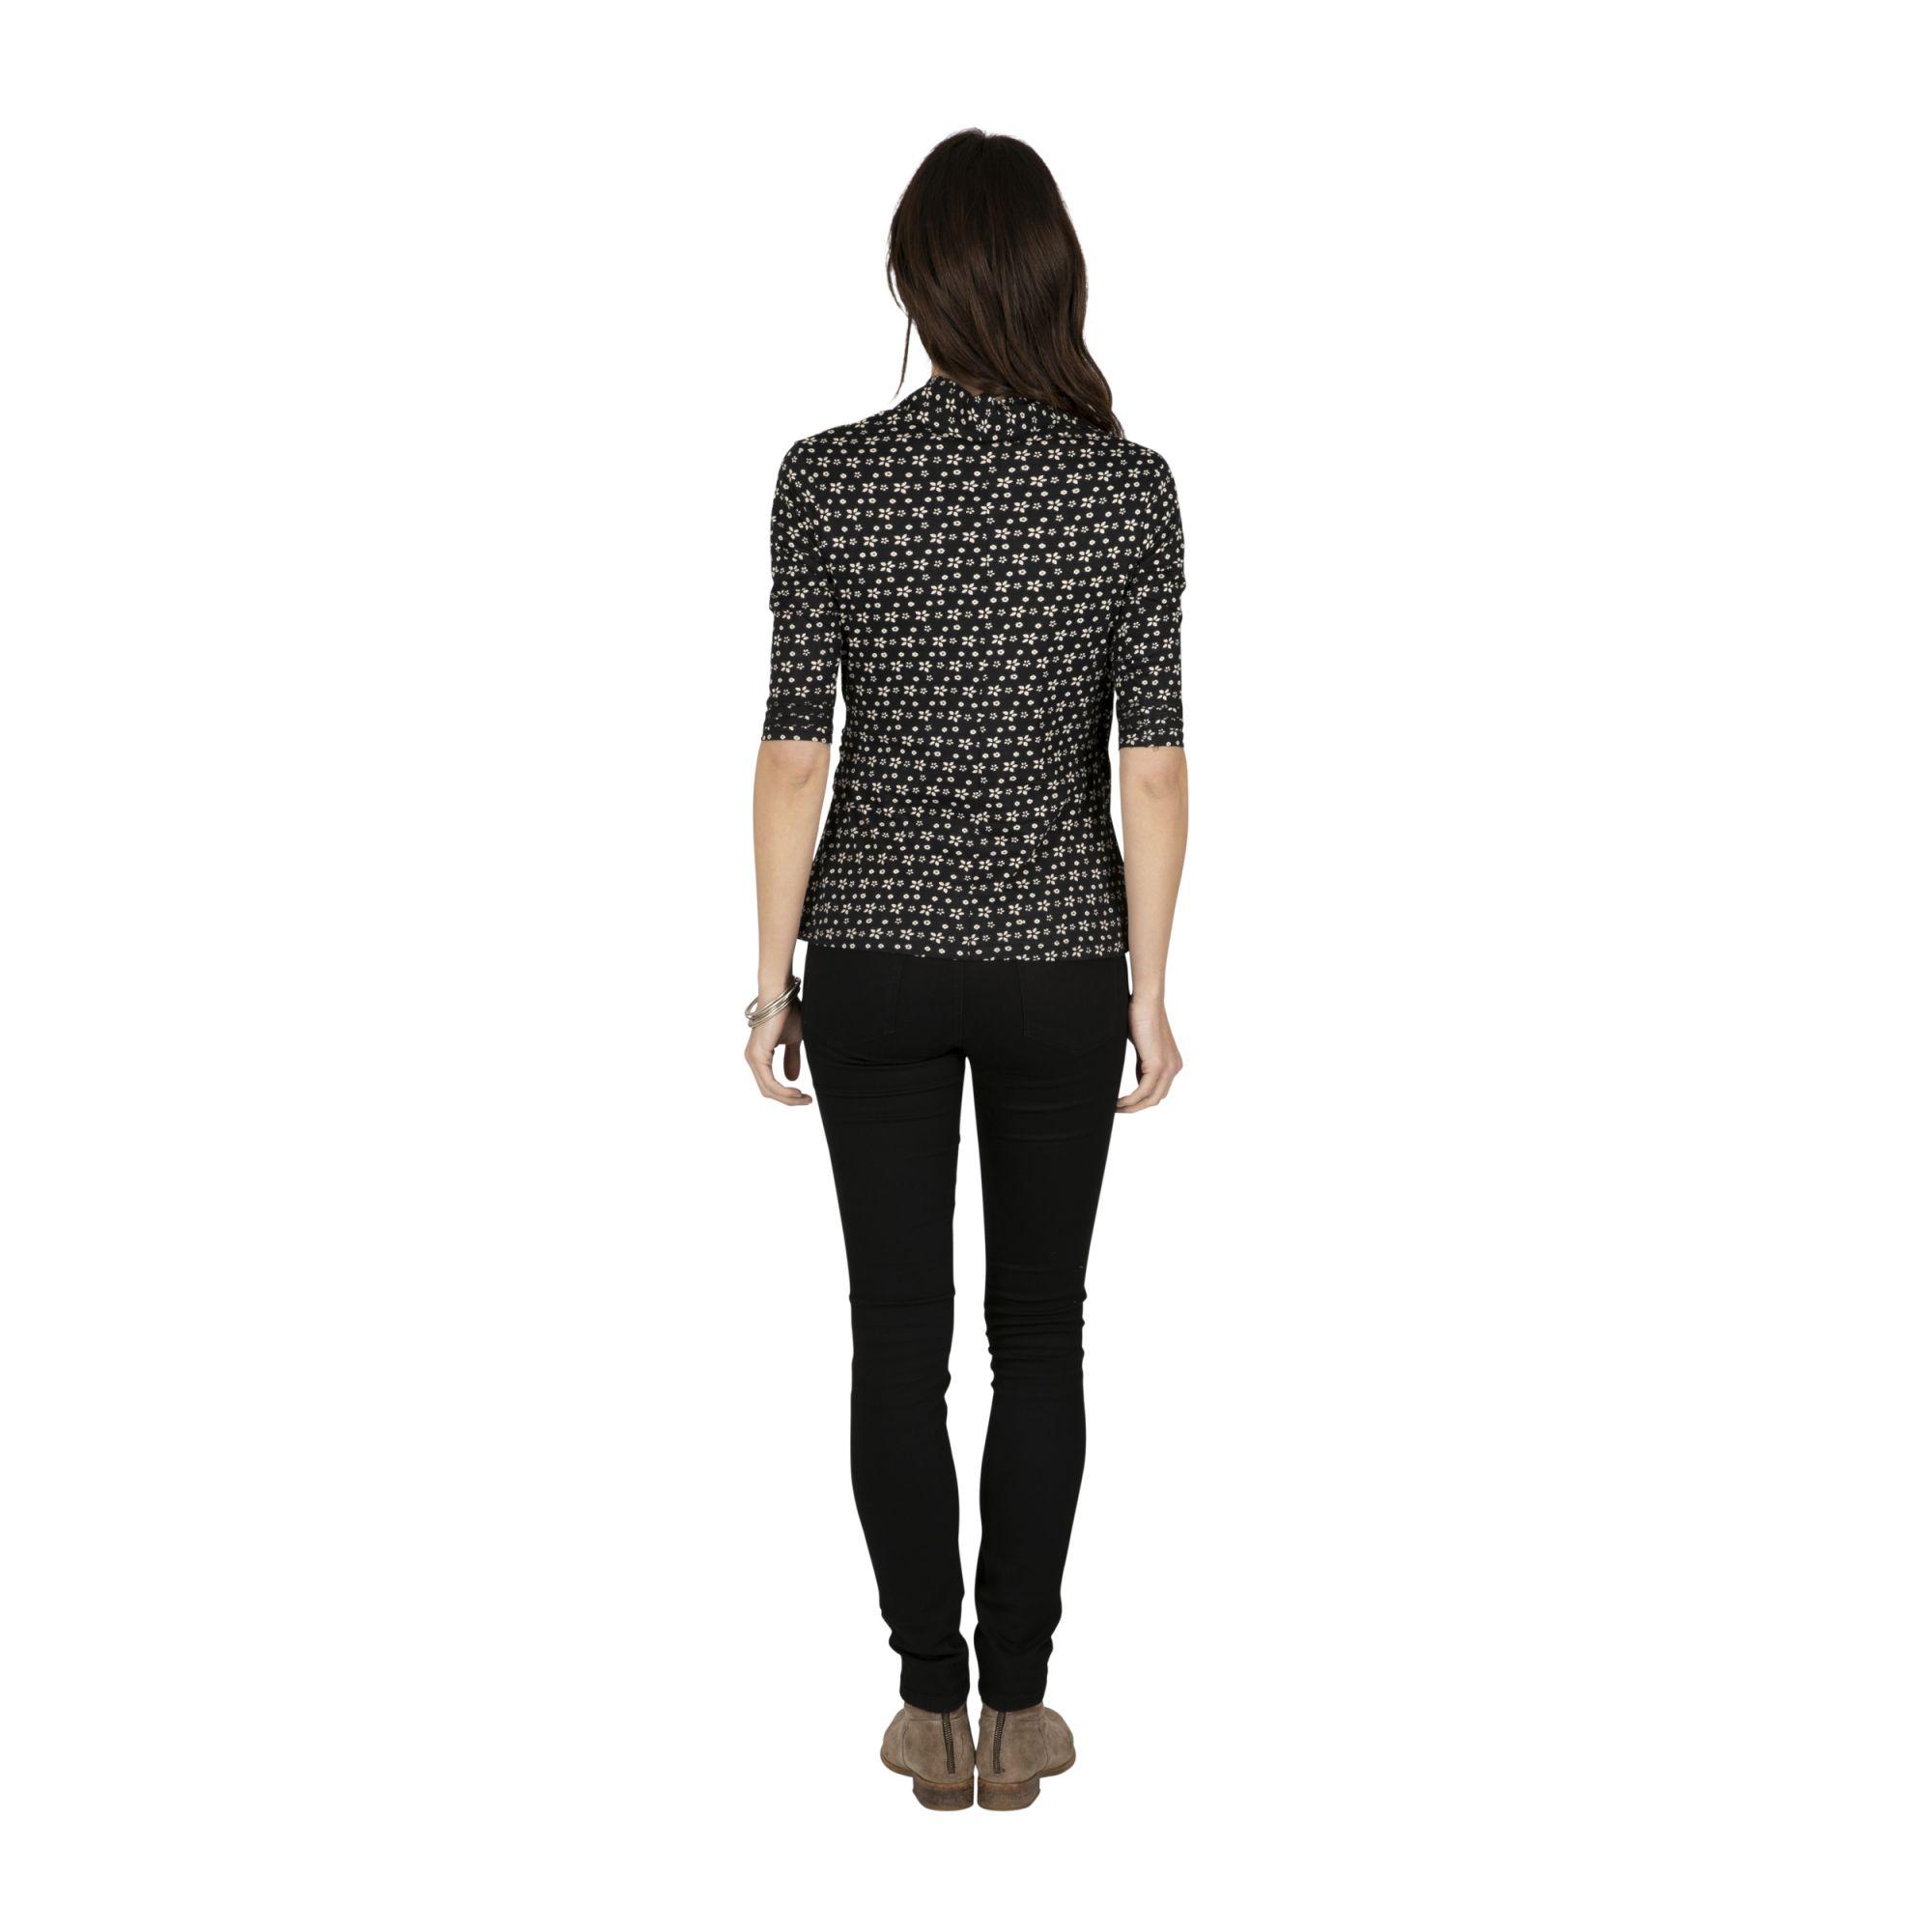 Tee-shirt original femme col V noir et fleuri Masaka